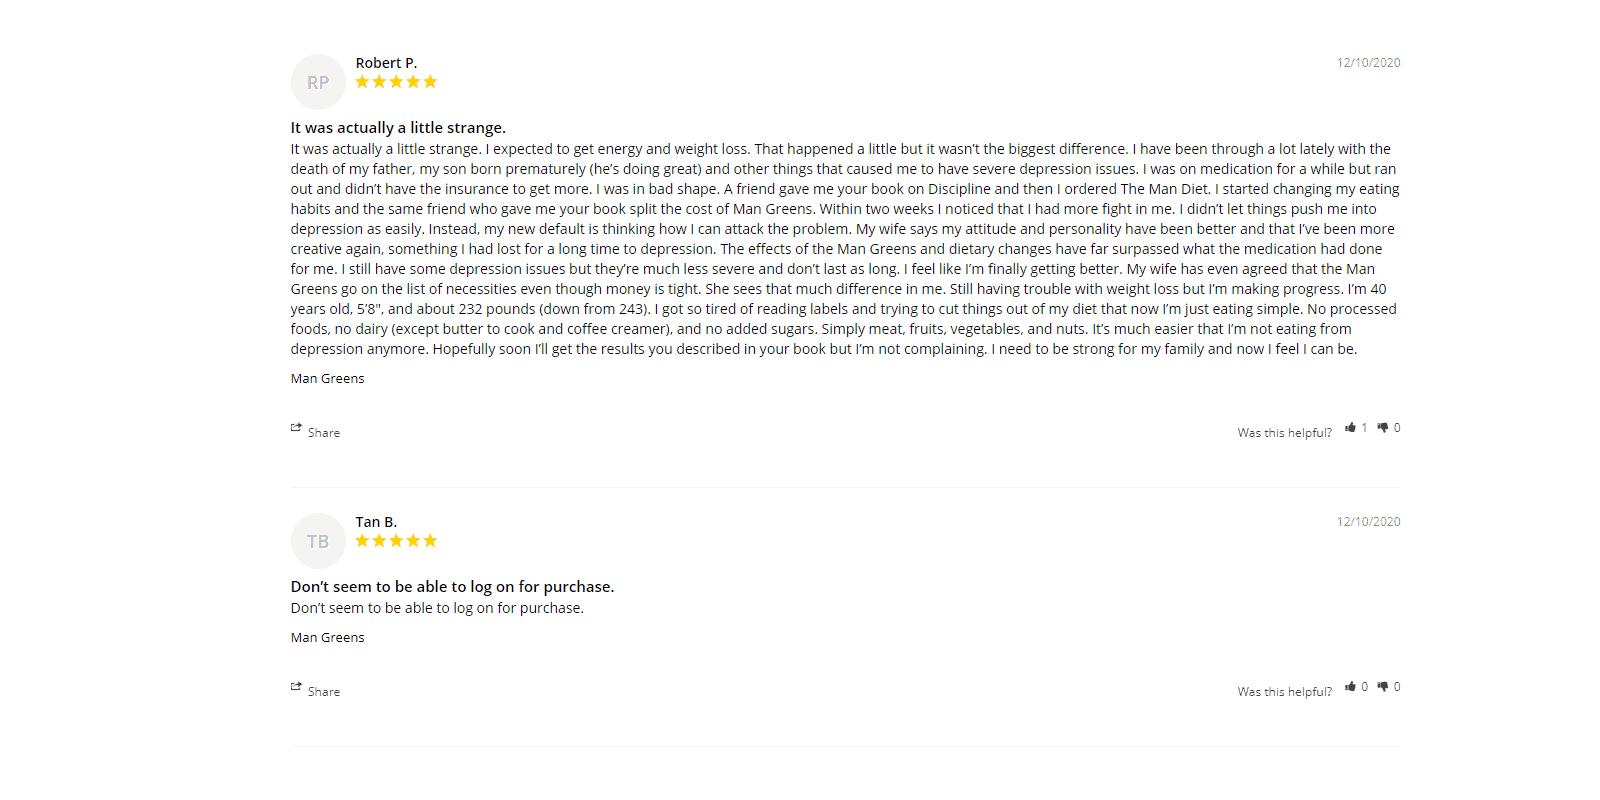 Man Green customer reviews